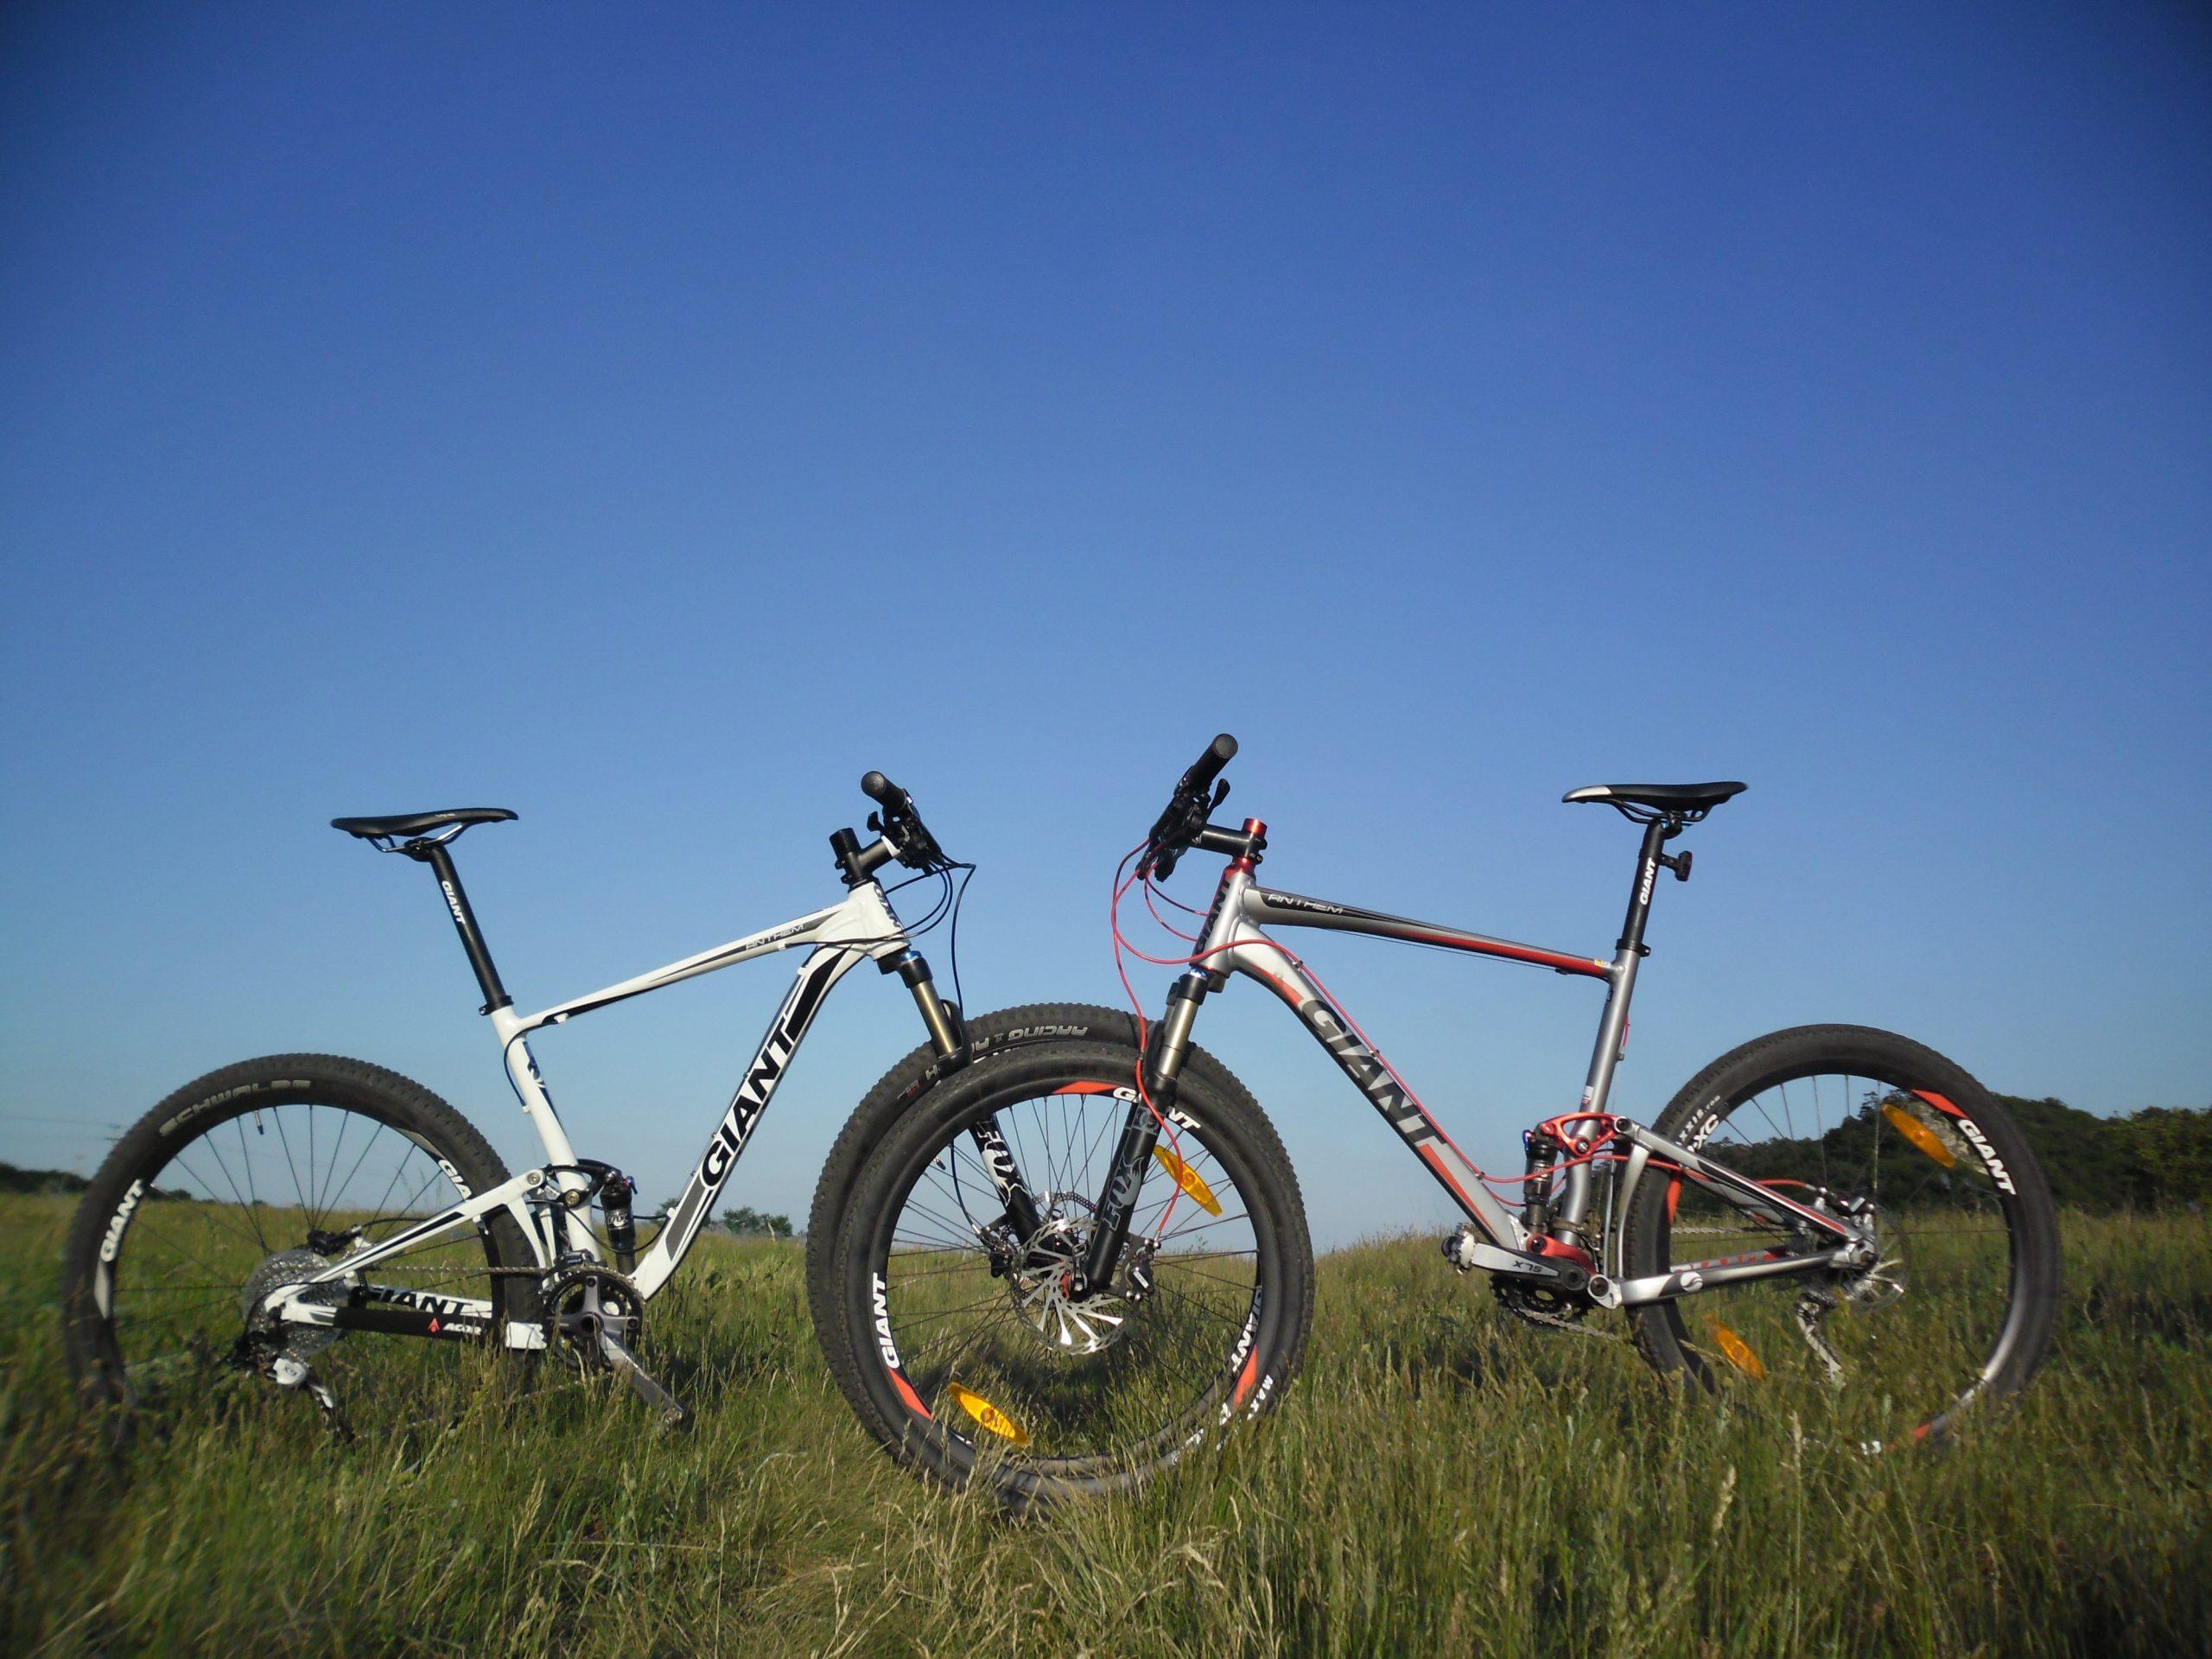 A június 2-án rendezendő Bikemag Eplény Kupa kísérőprogramaként kerékpártesztelés várja a kilátogatókat. Ezen a napon hét különböző márka közel 30 kerékpárja tesztelhető az eplényi Bringaréna erre a célra kijelölt pályáján. Bikemag Eplény Kupa, kerékpár tesztnap, kerékpár tesztelés, giant, merida, caprine, tandem, specialized, merida, kross, mondraker